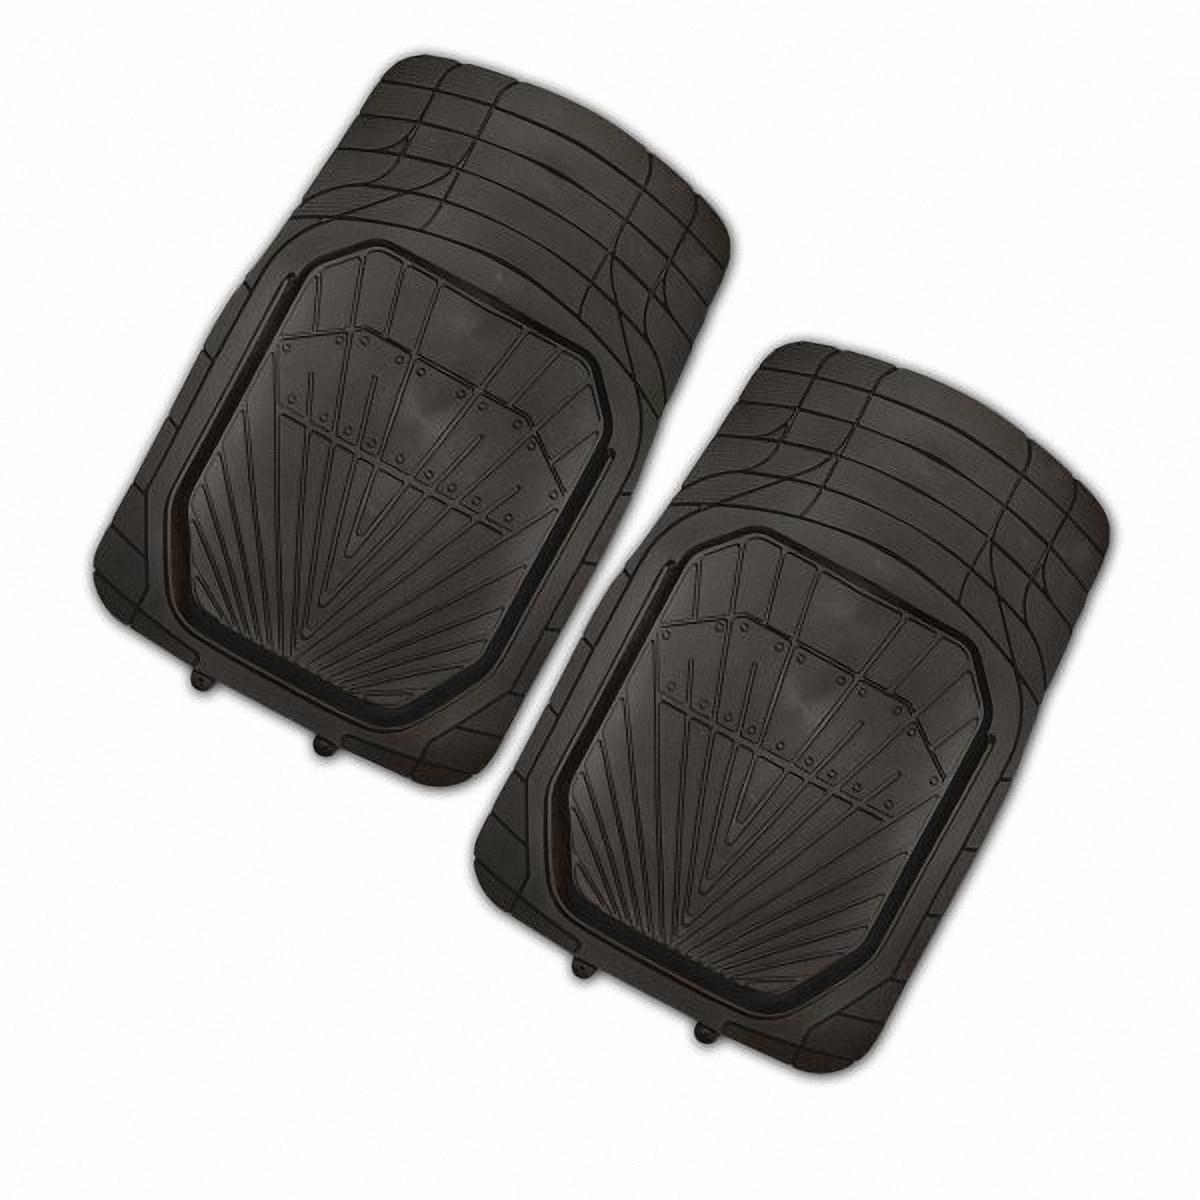 Коврик в салон автомобиля Skyway, передний, цвет: черный, 77 х 52 см, 2 штS01701022Комплект универсальных передних ковриков салона в форме ванночки сохраняет эластичность даже при экстремально низких и высоких температурах (от -50°С до +50°С). Обладает повышенной устойчивостью к износу и агрессивным средам, таким как антигололёдные реагенты, масло и топливо. Усовершенствованная конструкция изделия обеспечивает плотное прилегание и надёжную фиксацию коврика на полу автомобиля. Размер: 77 х 52 см. Комплектация: 2 шт.